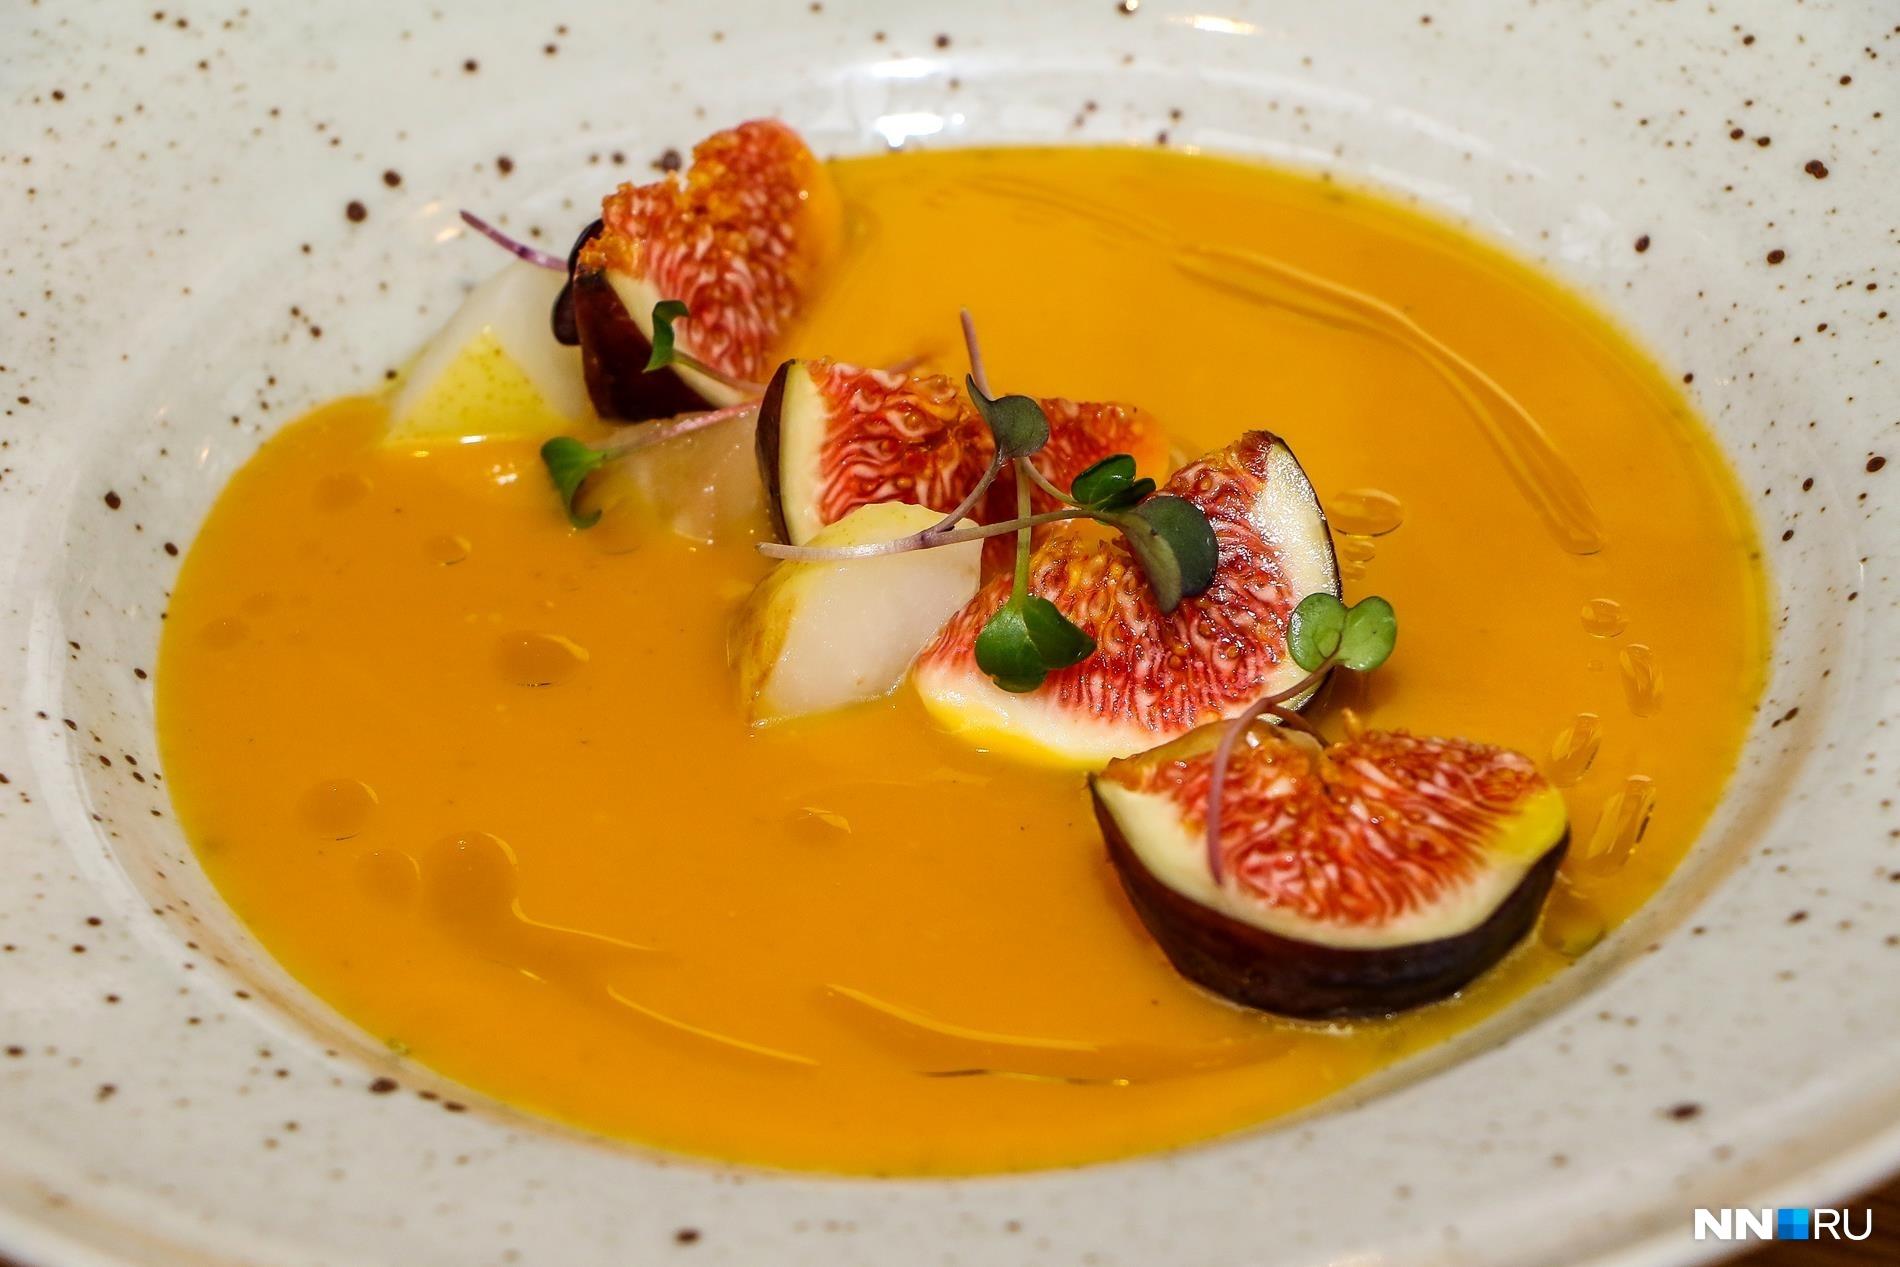 Блюда из тыквы получаются не только полезными, но и очень красивыми